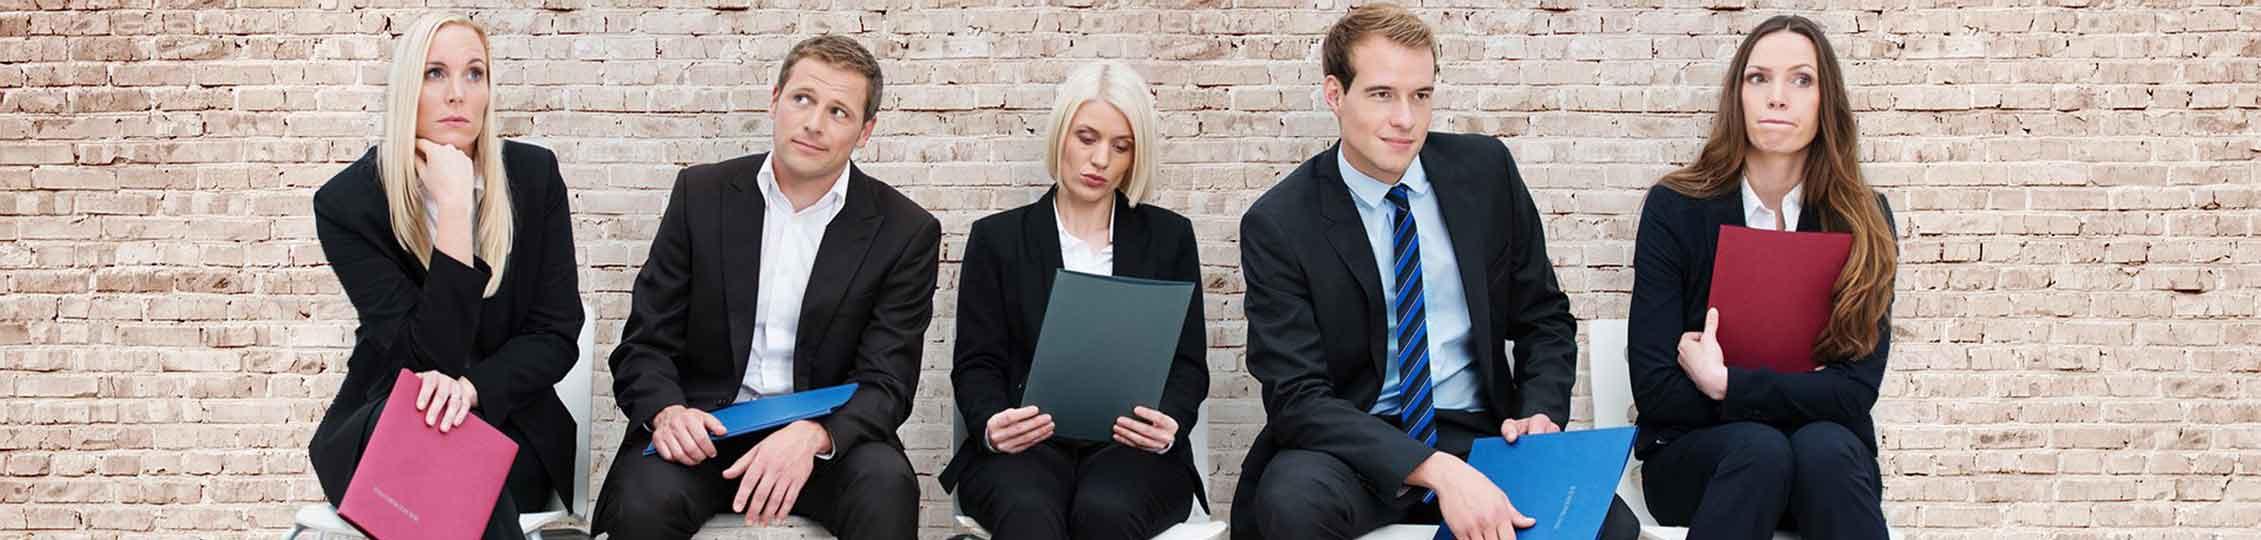 5 Bewerberinnen und Bewerber warten mit ihren Unterlagen auf das Vorstellungsgespräch